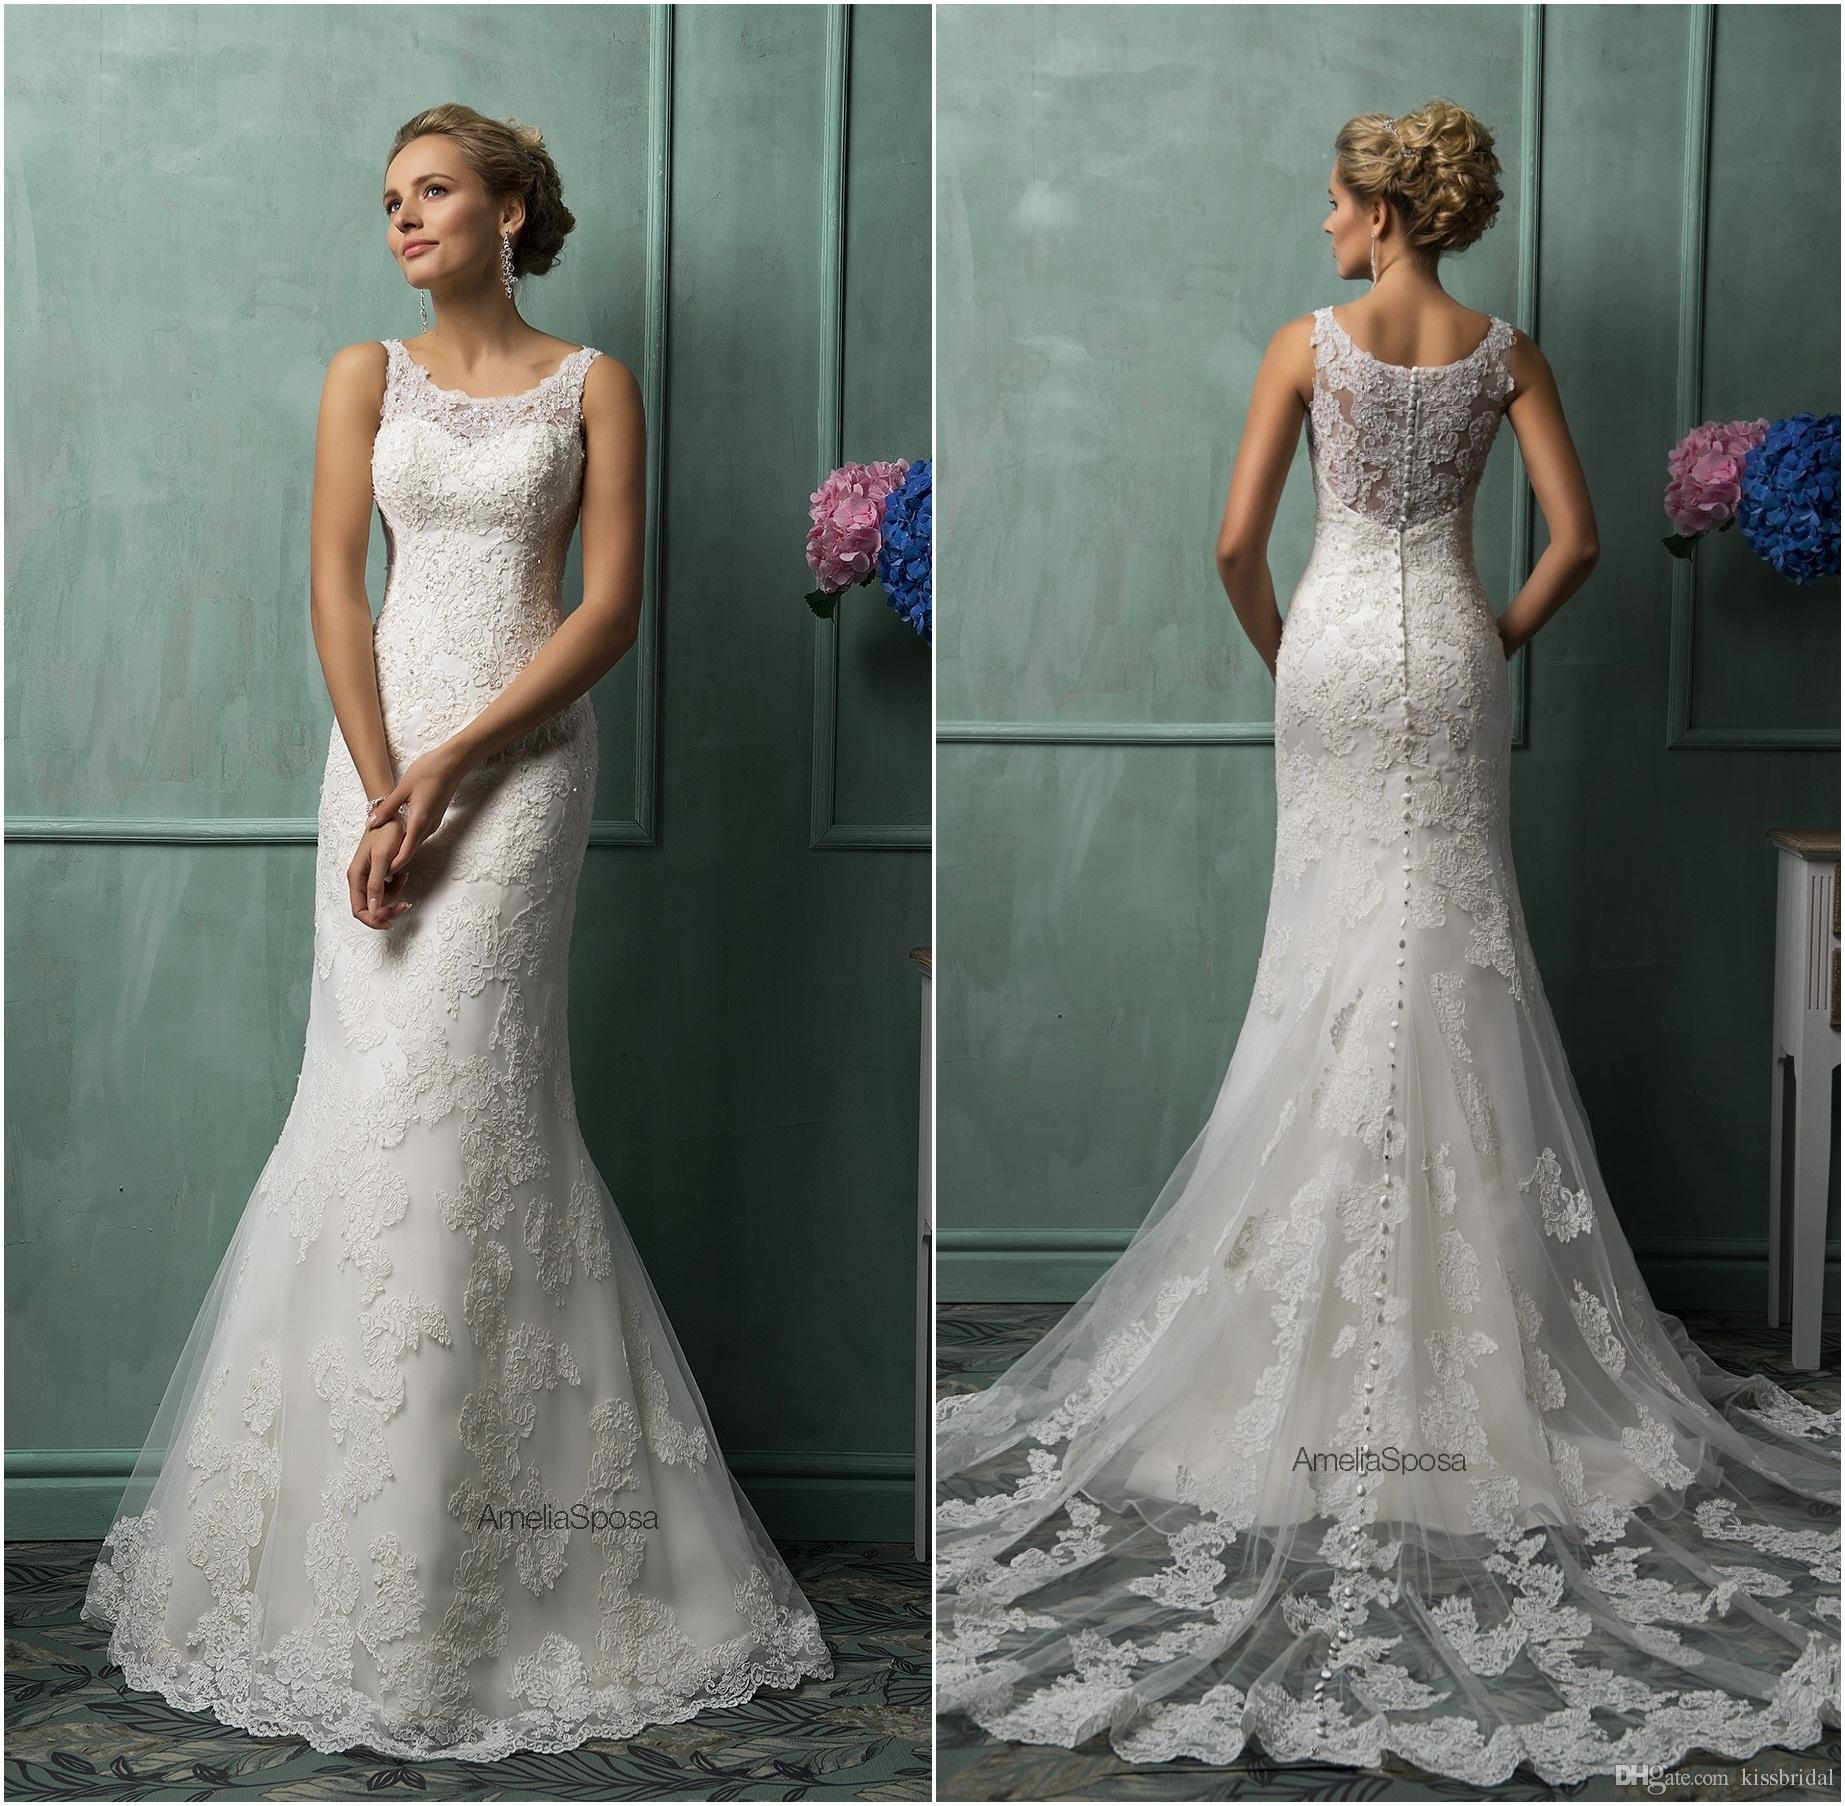 Amelia Sposa 2015 Mermaid Wedding Dresses Vintage Bateau